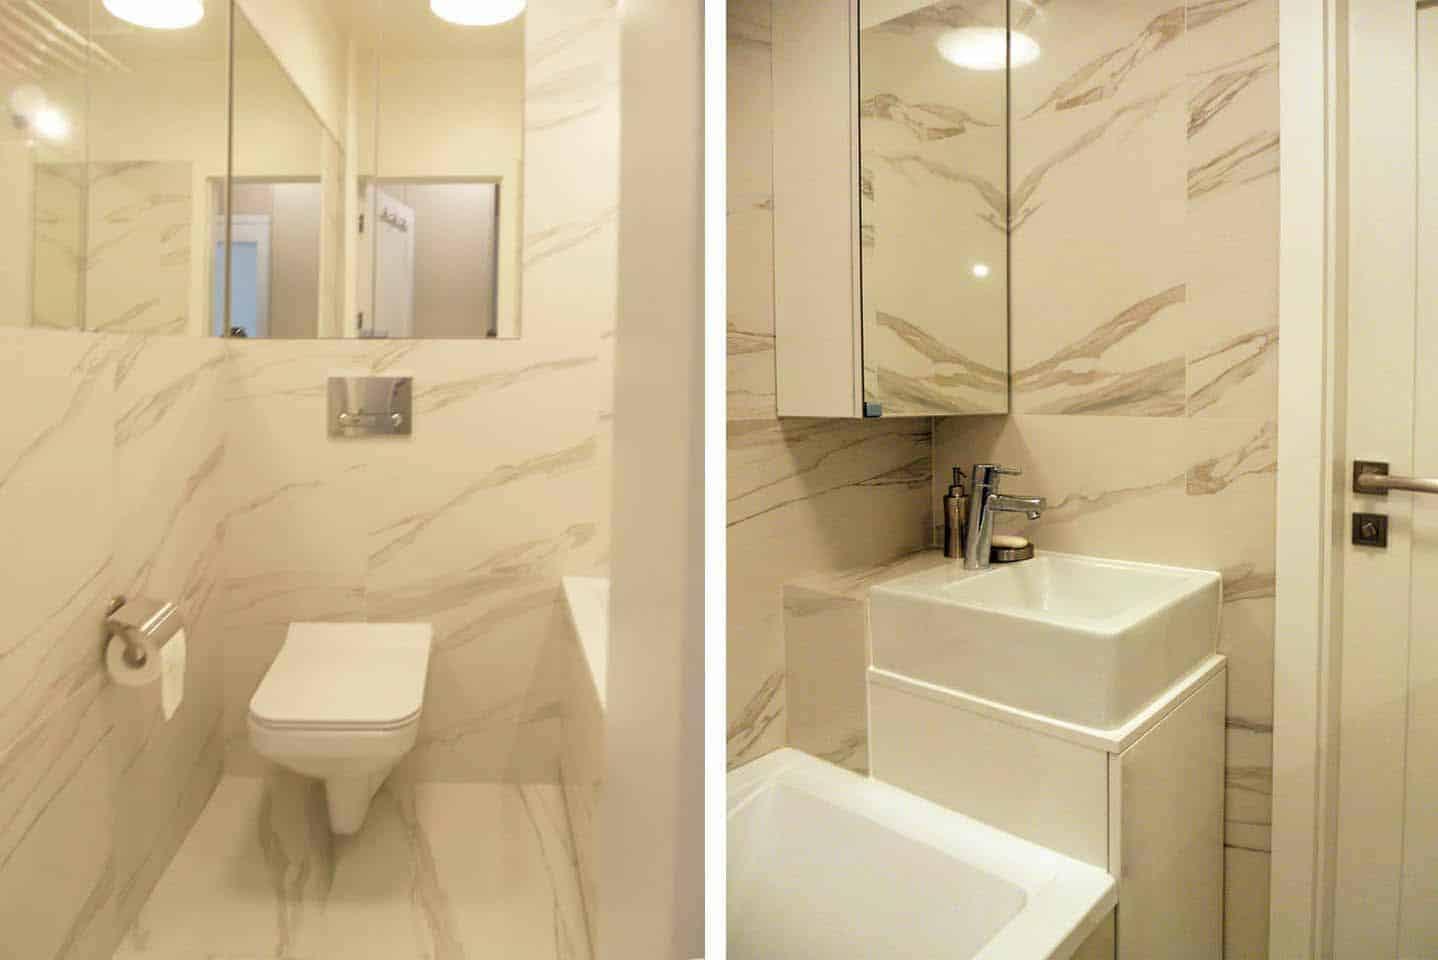 projektowanie wnętrz z wykonaniem, projekt łazienki w mieszkaniu 52 metrowym na Grochowie